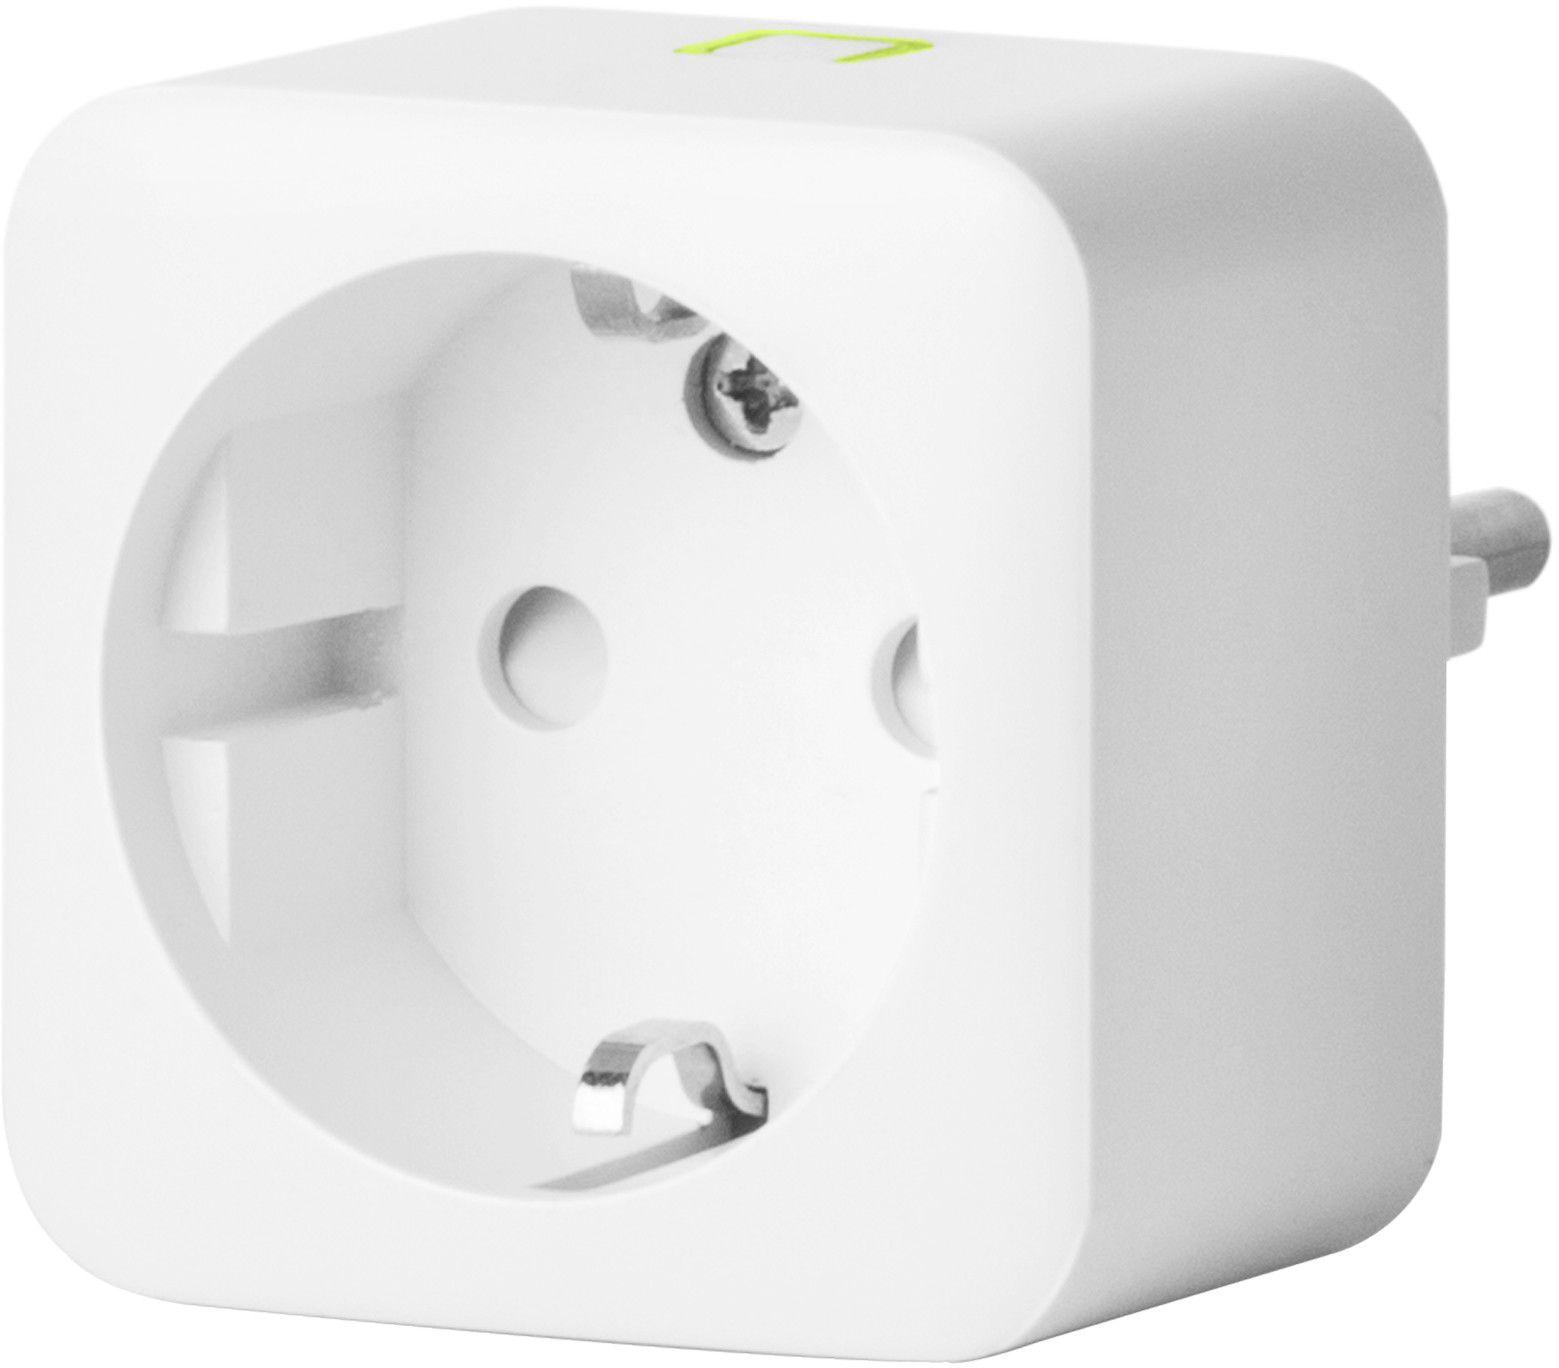 AduroSmart Eria Smart Plug